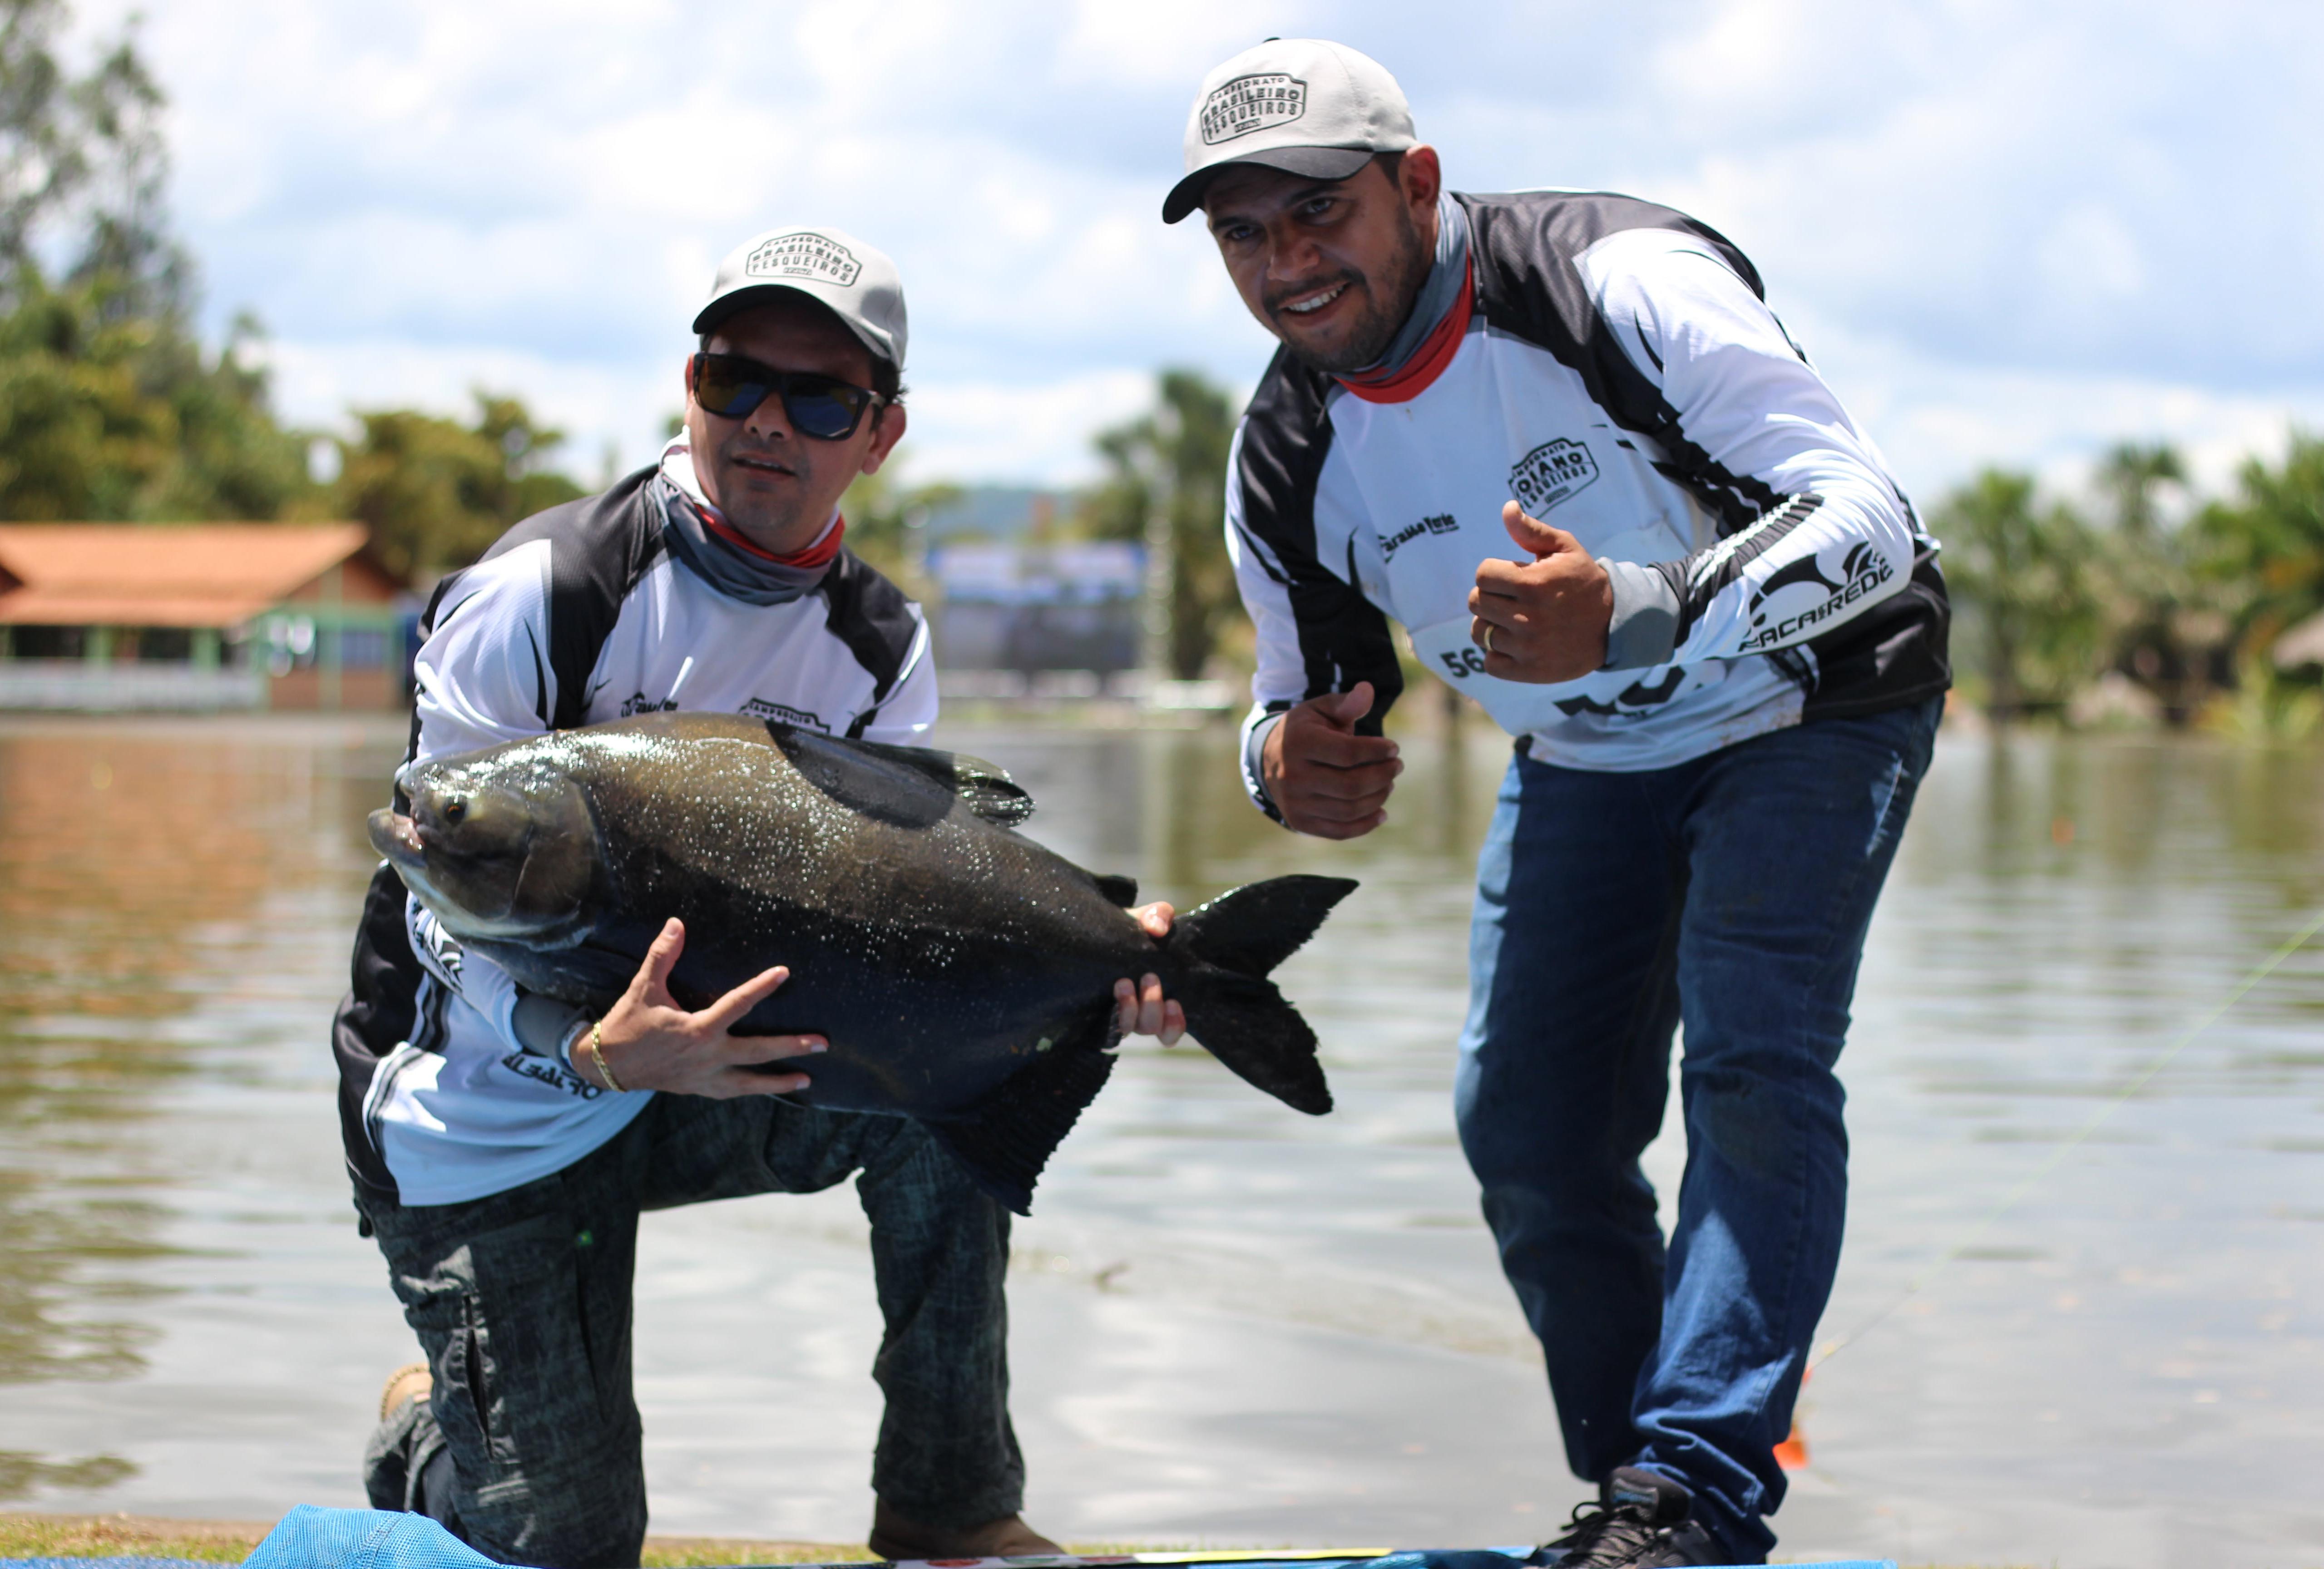 Campeões do Campeonato Goiano do CBP2 se deram bem no pesqueiro